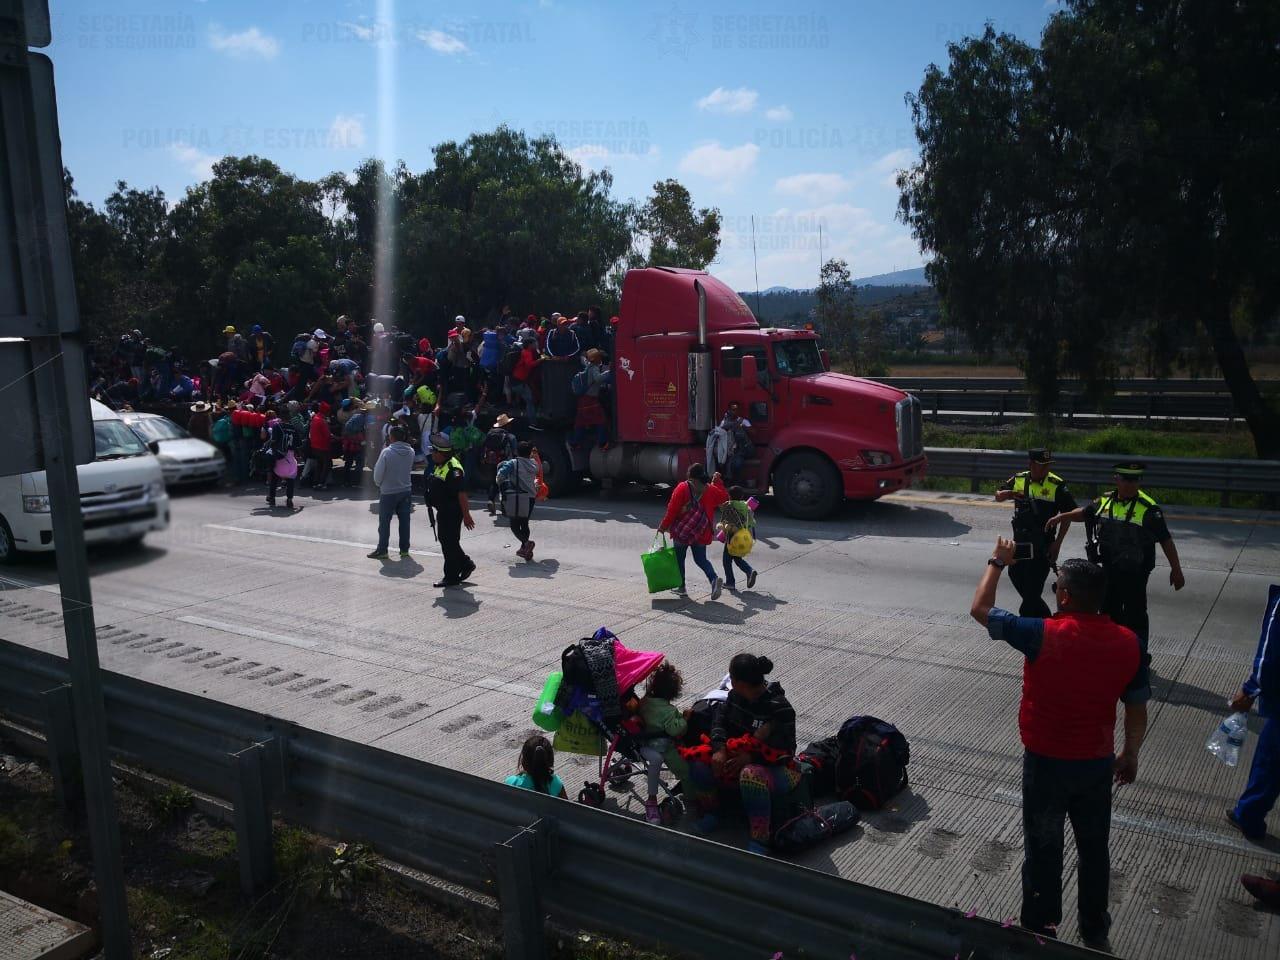 Caravana migrante sale de la caseta de Tepotzotlán hacia Querétaro